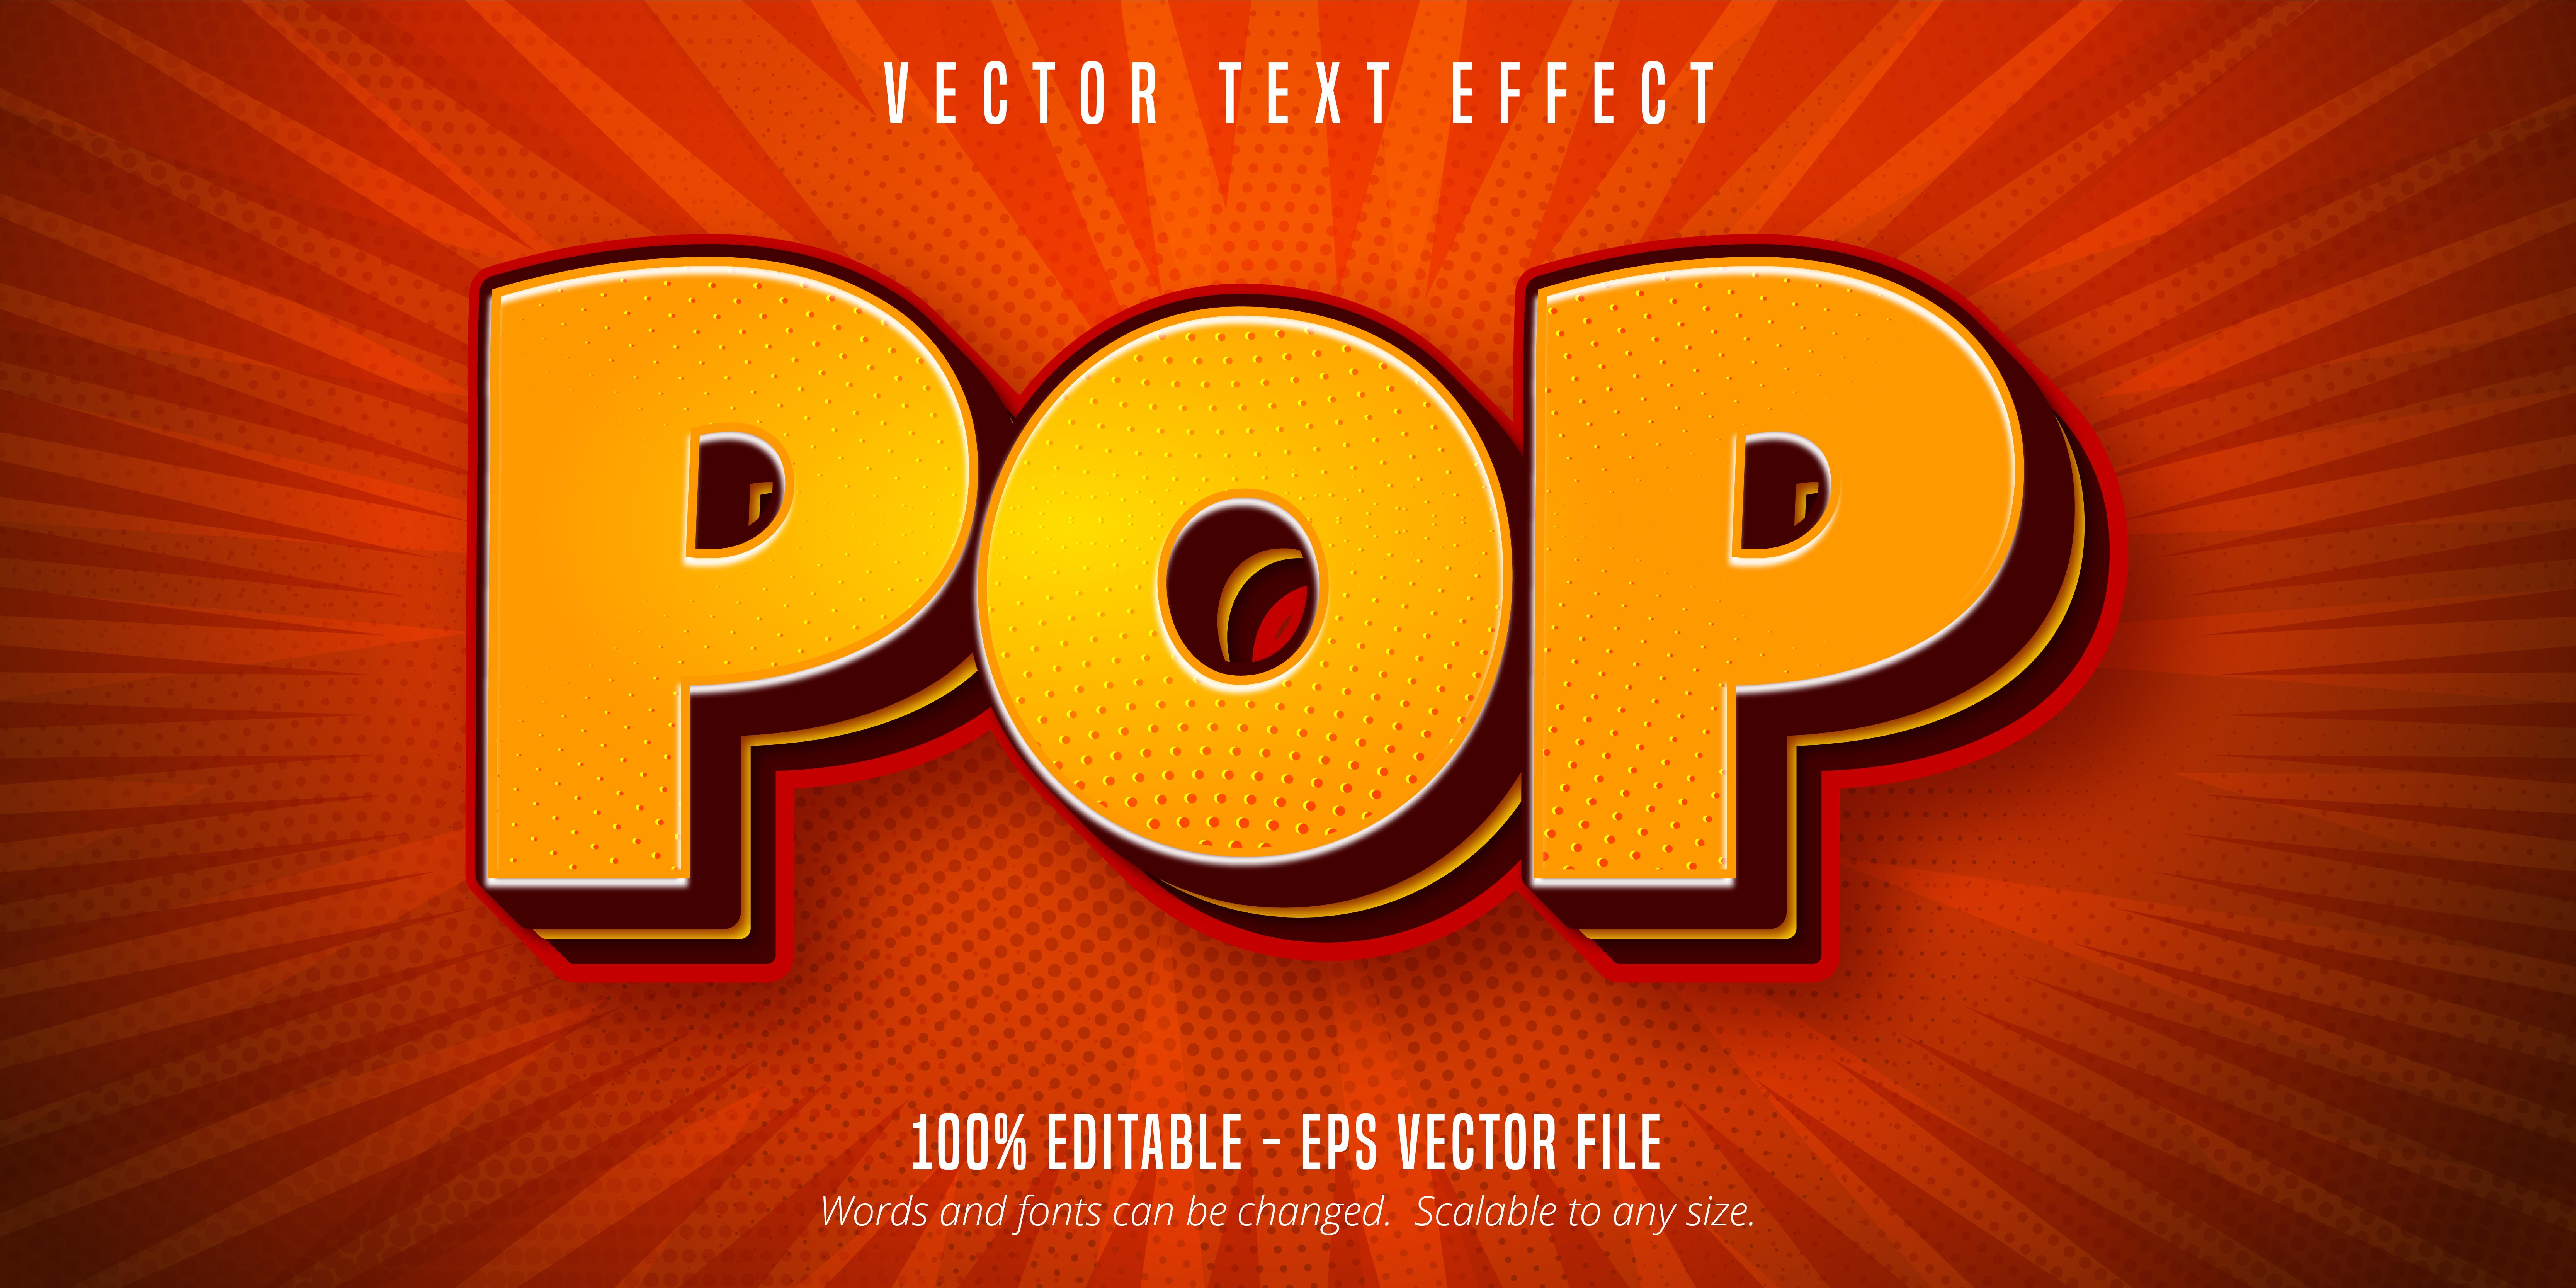 texte pop jaune, effet de texte de style pop art